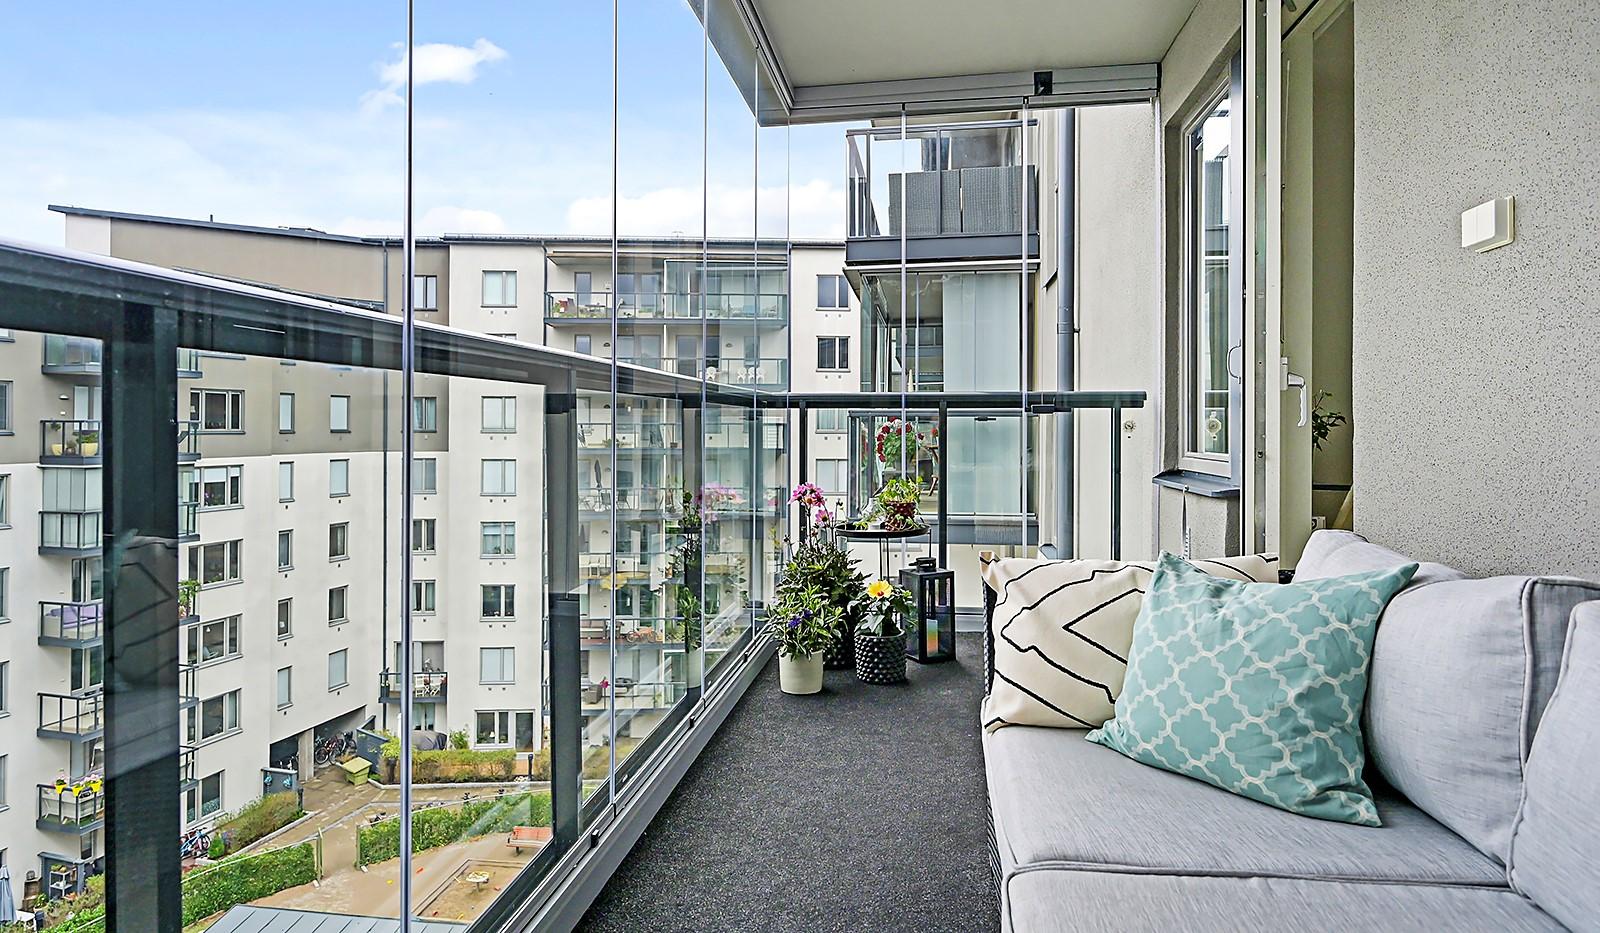 Grönbrinksgatan 8, 6 tr - Stor inglasad balkong mot lugn gård